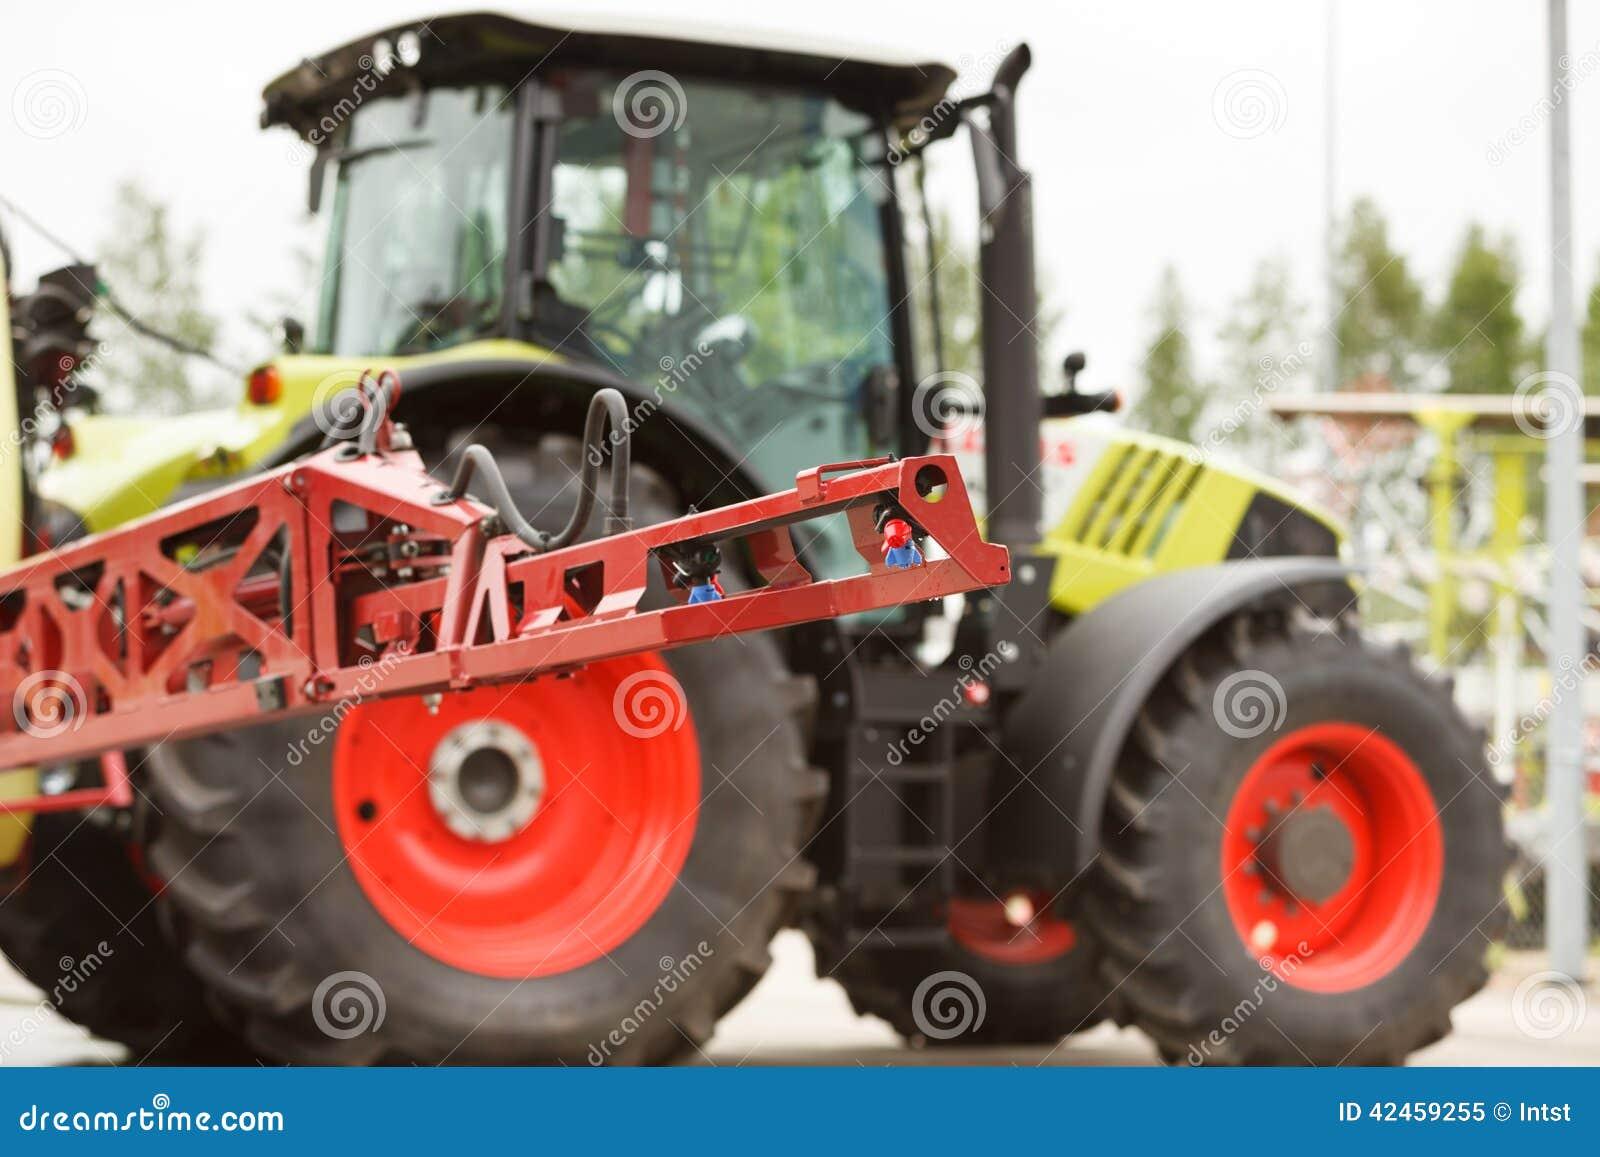 Traktorsprüher-Düsennahaufnahme